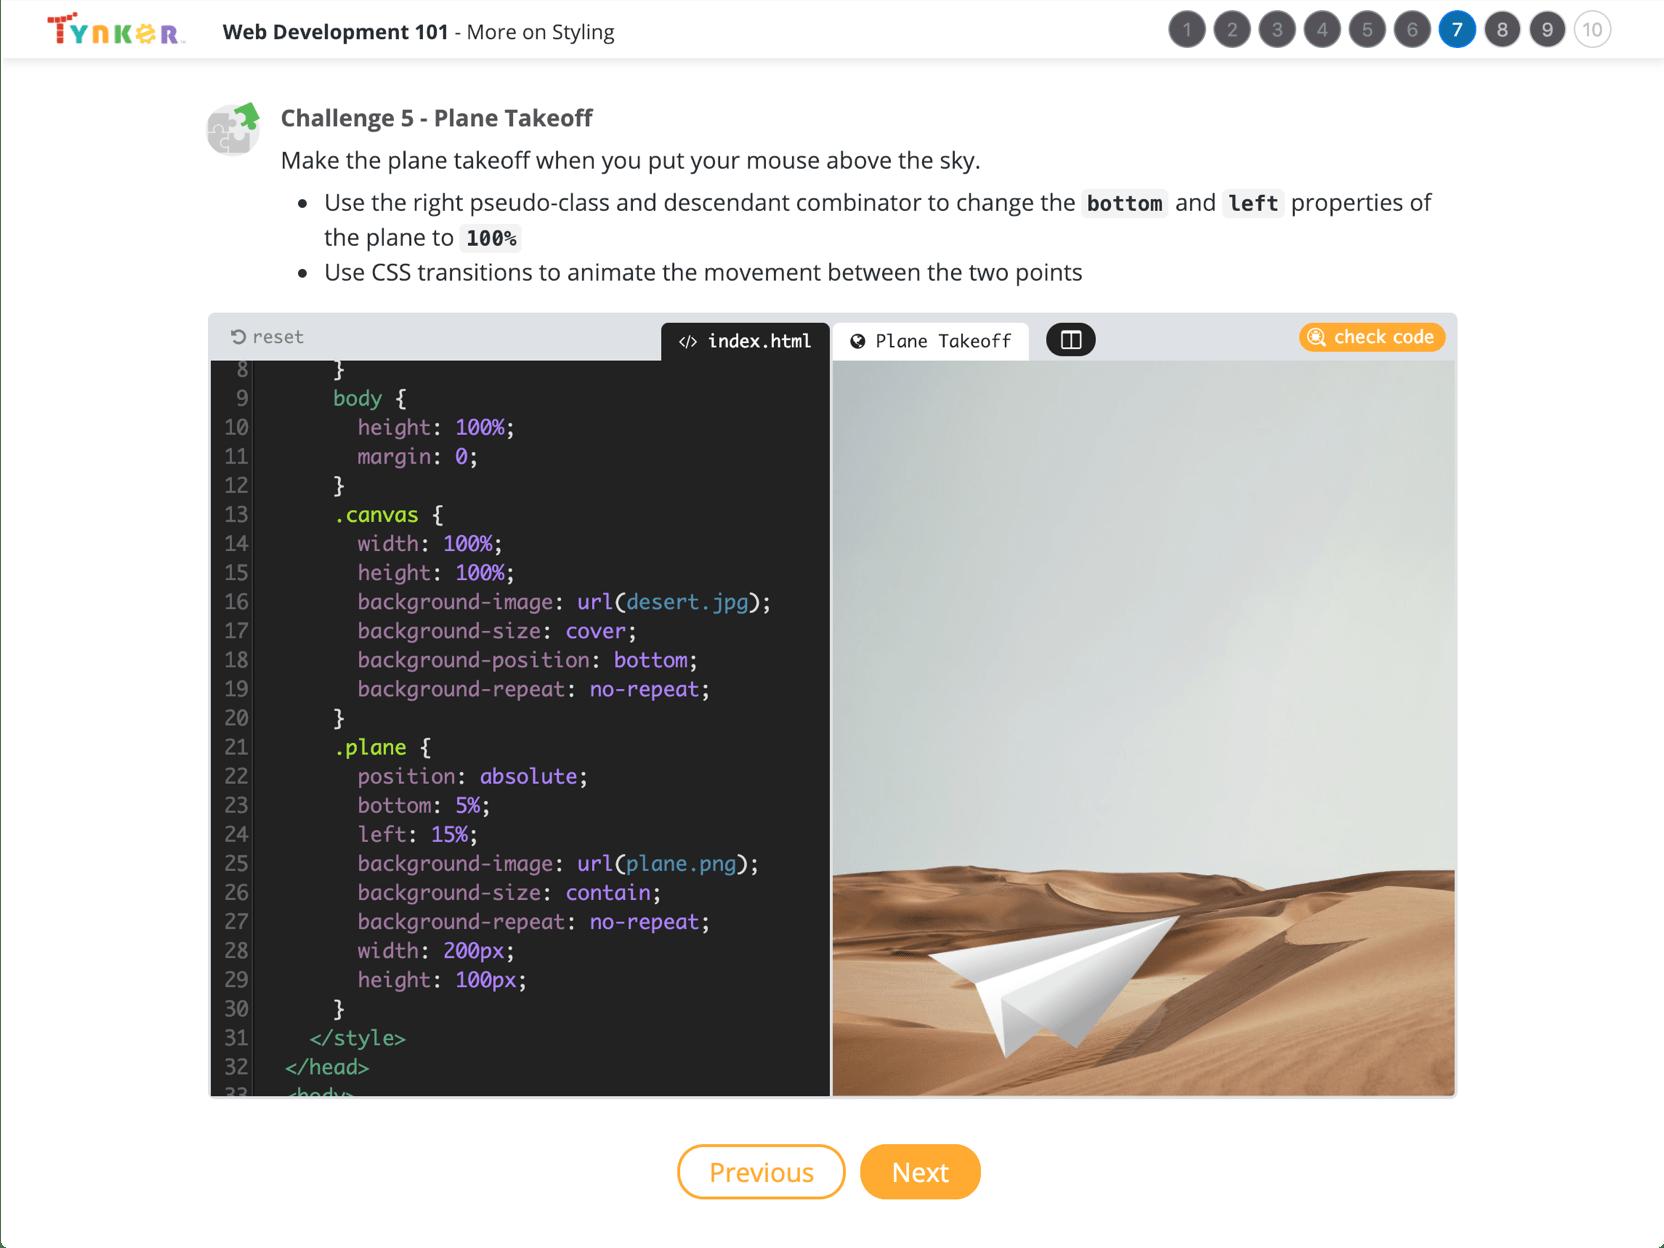 Web Development 101 | School Coding Course | Tynker